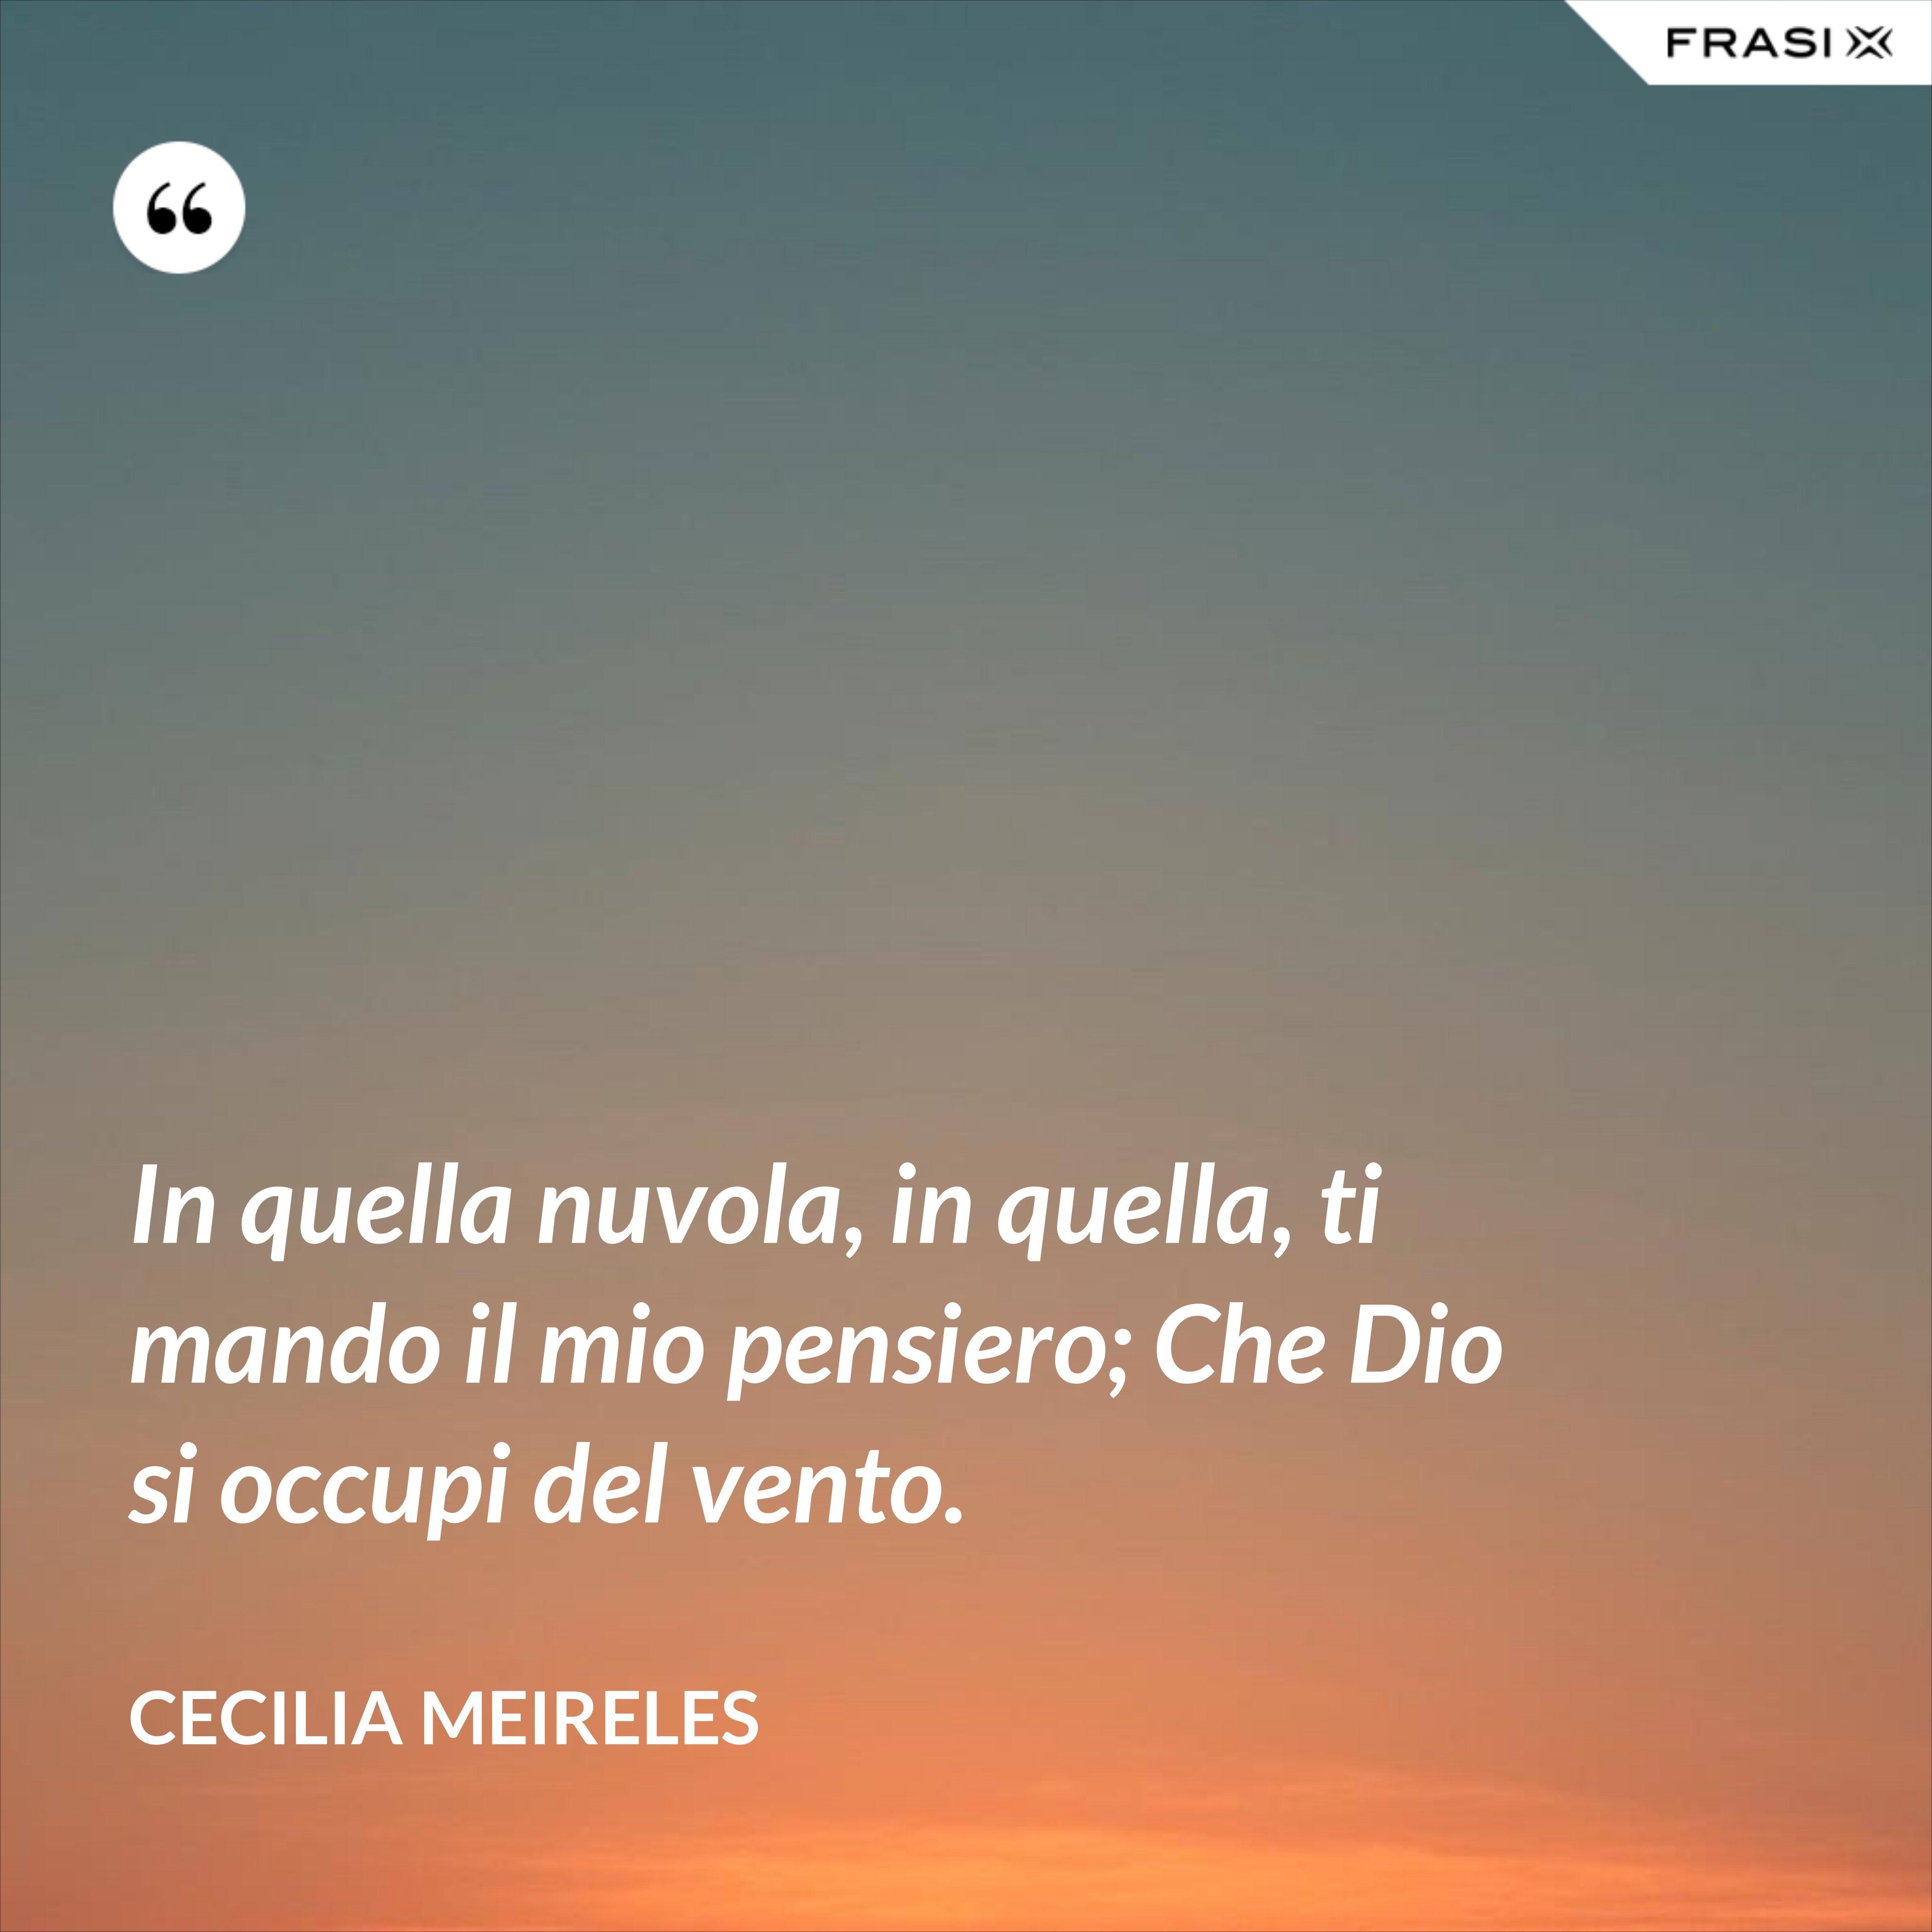 In quella nuvola, in quella, ti mando il mio pensiero; Che Dio si occupi del vento. - Cecilia Meireles